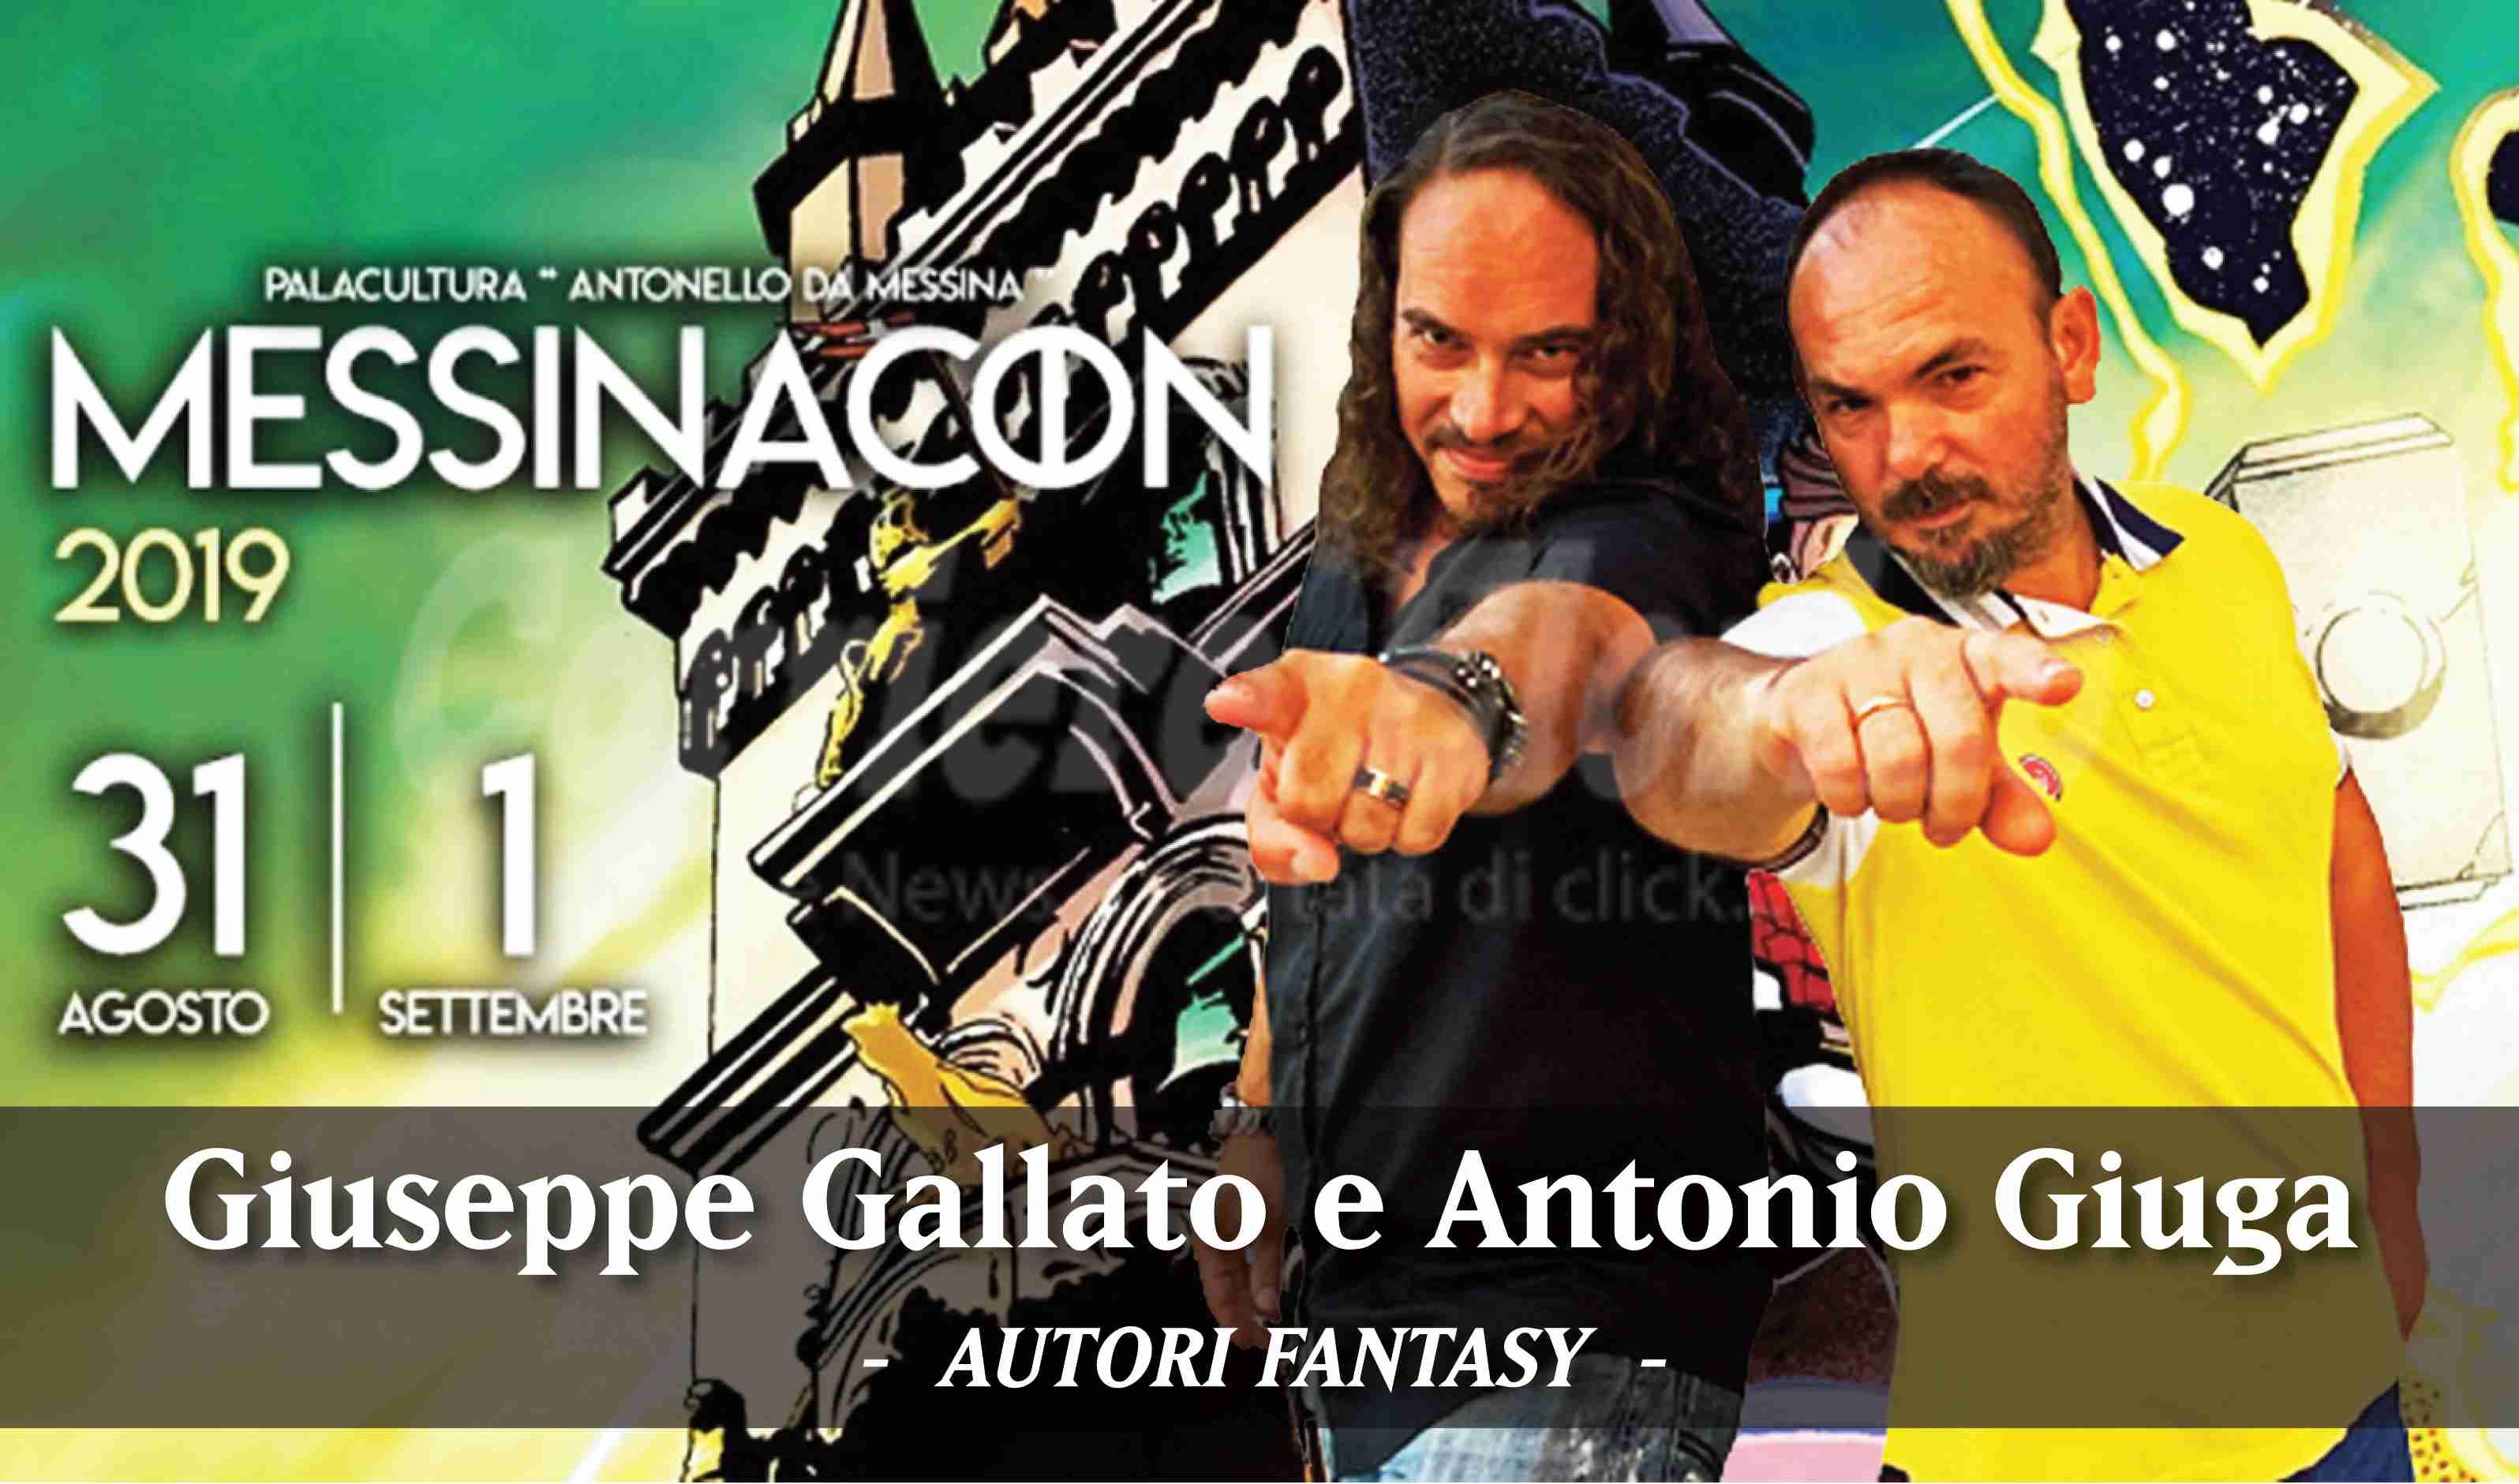 """Gli autori fantasy Giuseppe Gallato e Antonio Giuga al """"MessinaCon 2019"""""""